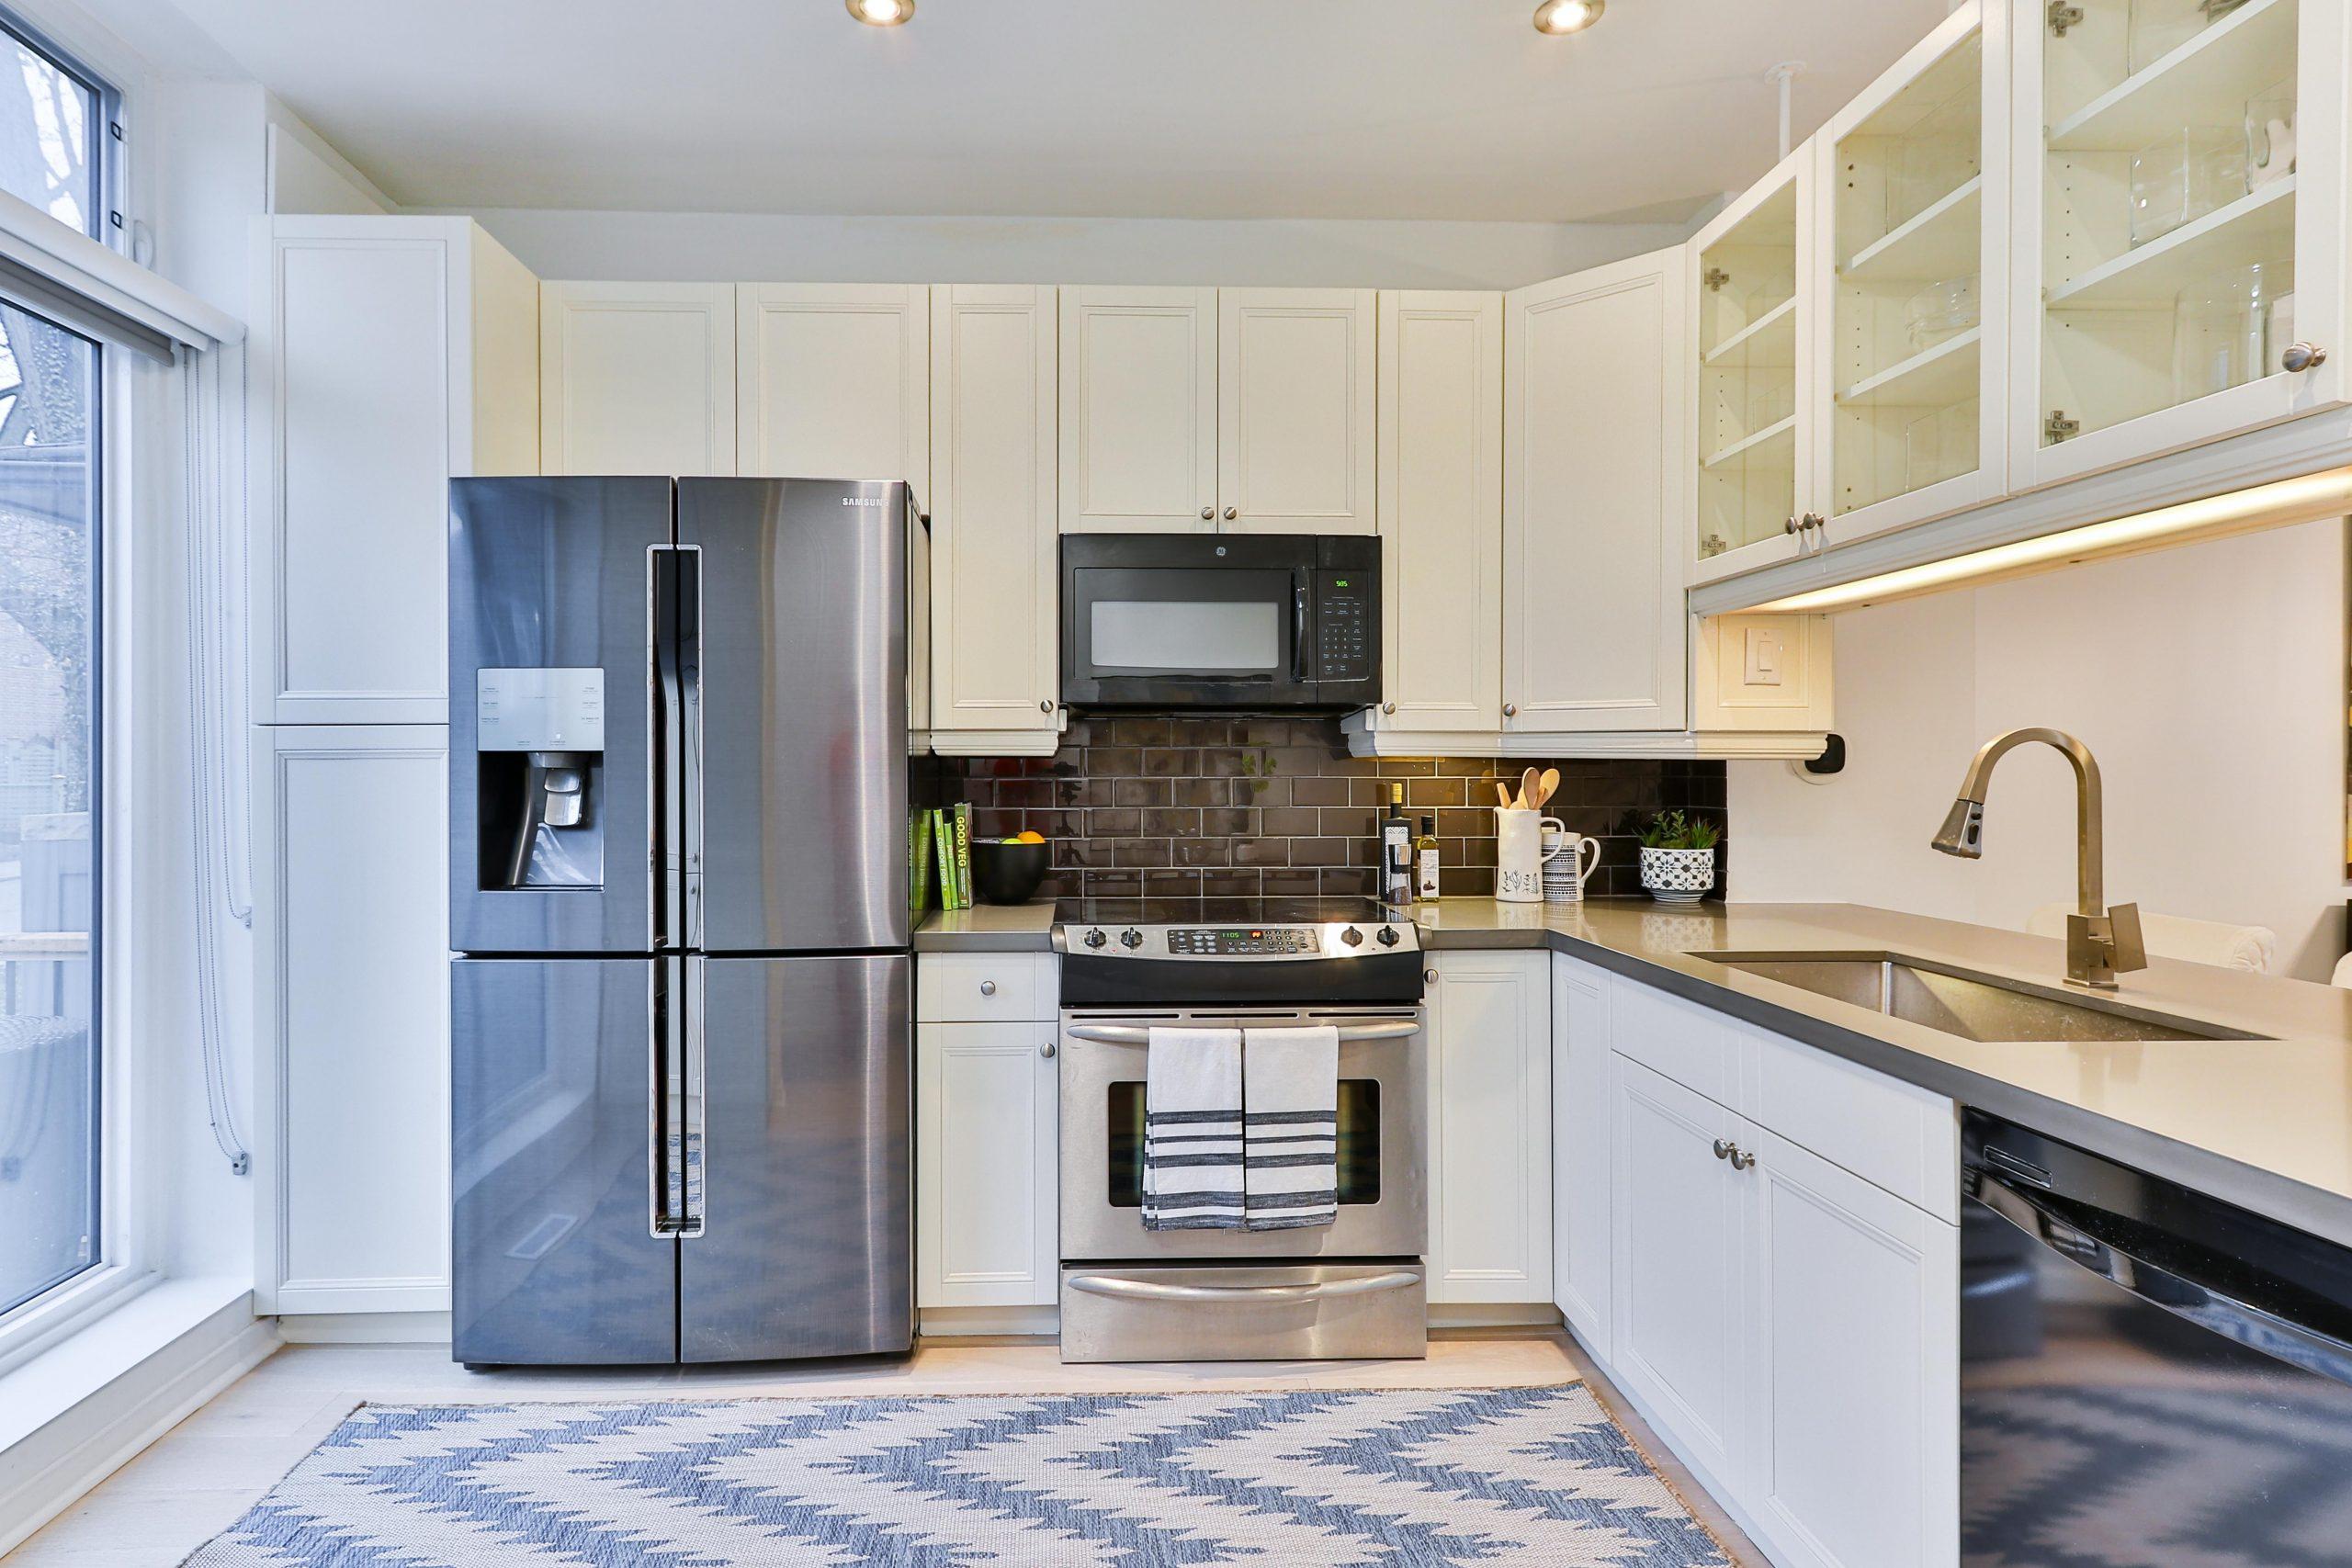 Imagen de cocina moderna con horno eléctrico